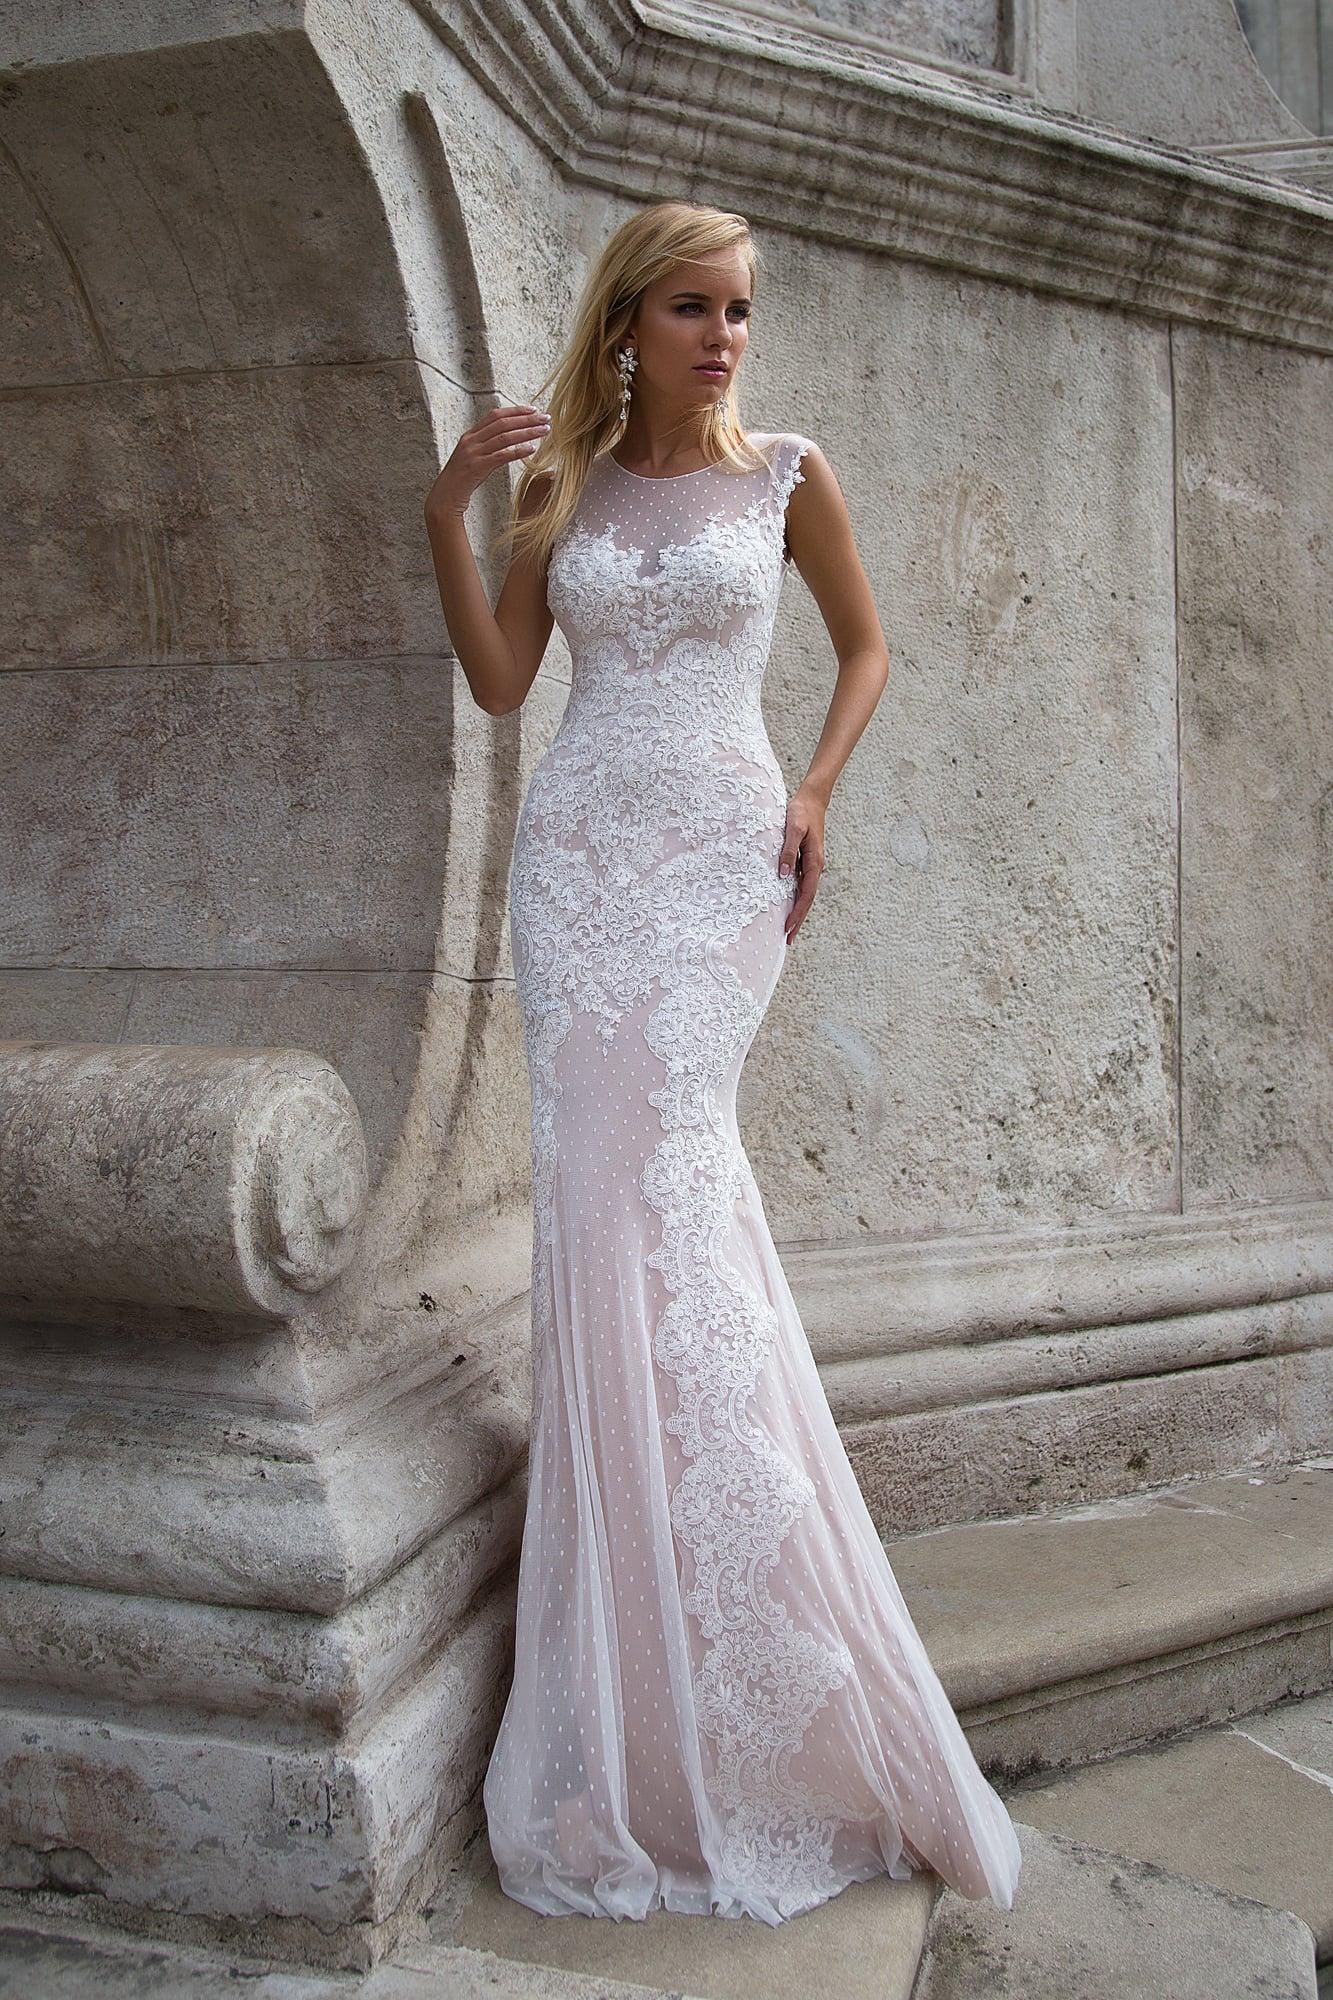 3ca149e6fe1341 Изысканное облегающее свадебное платье в пудровых тонах с кружевным декором  по всей длине.